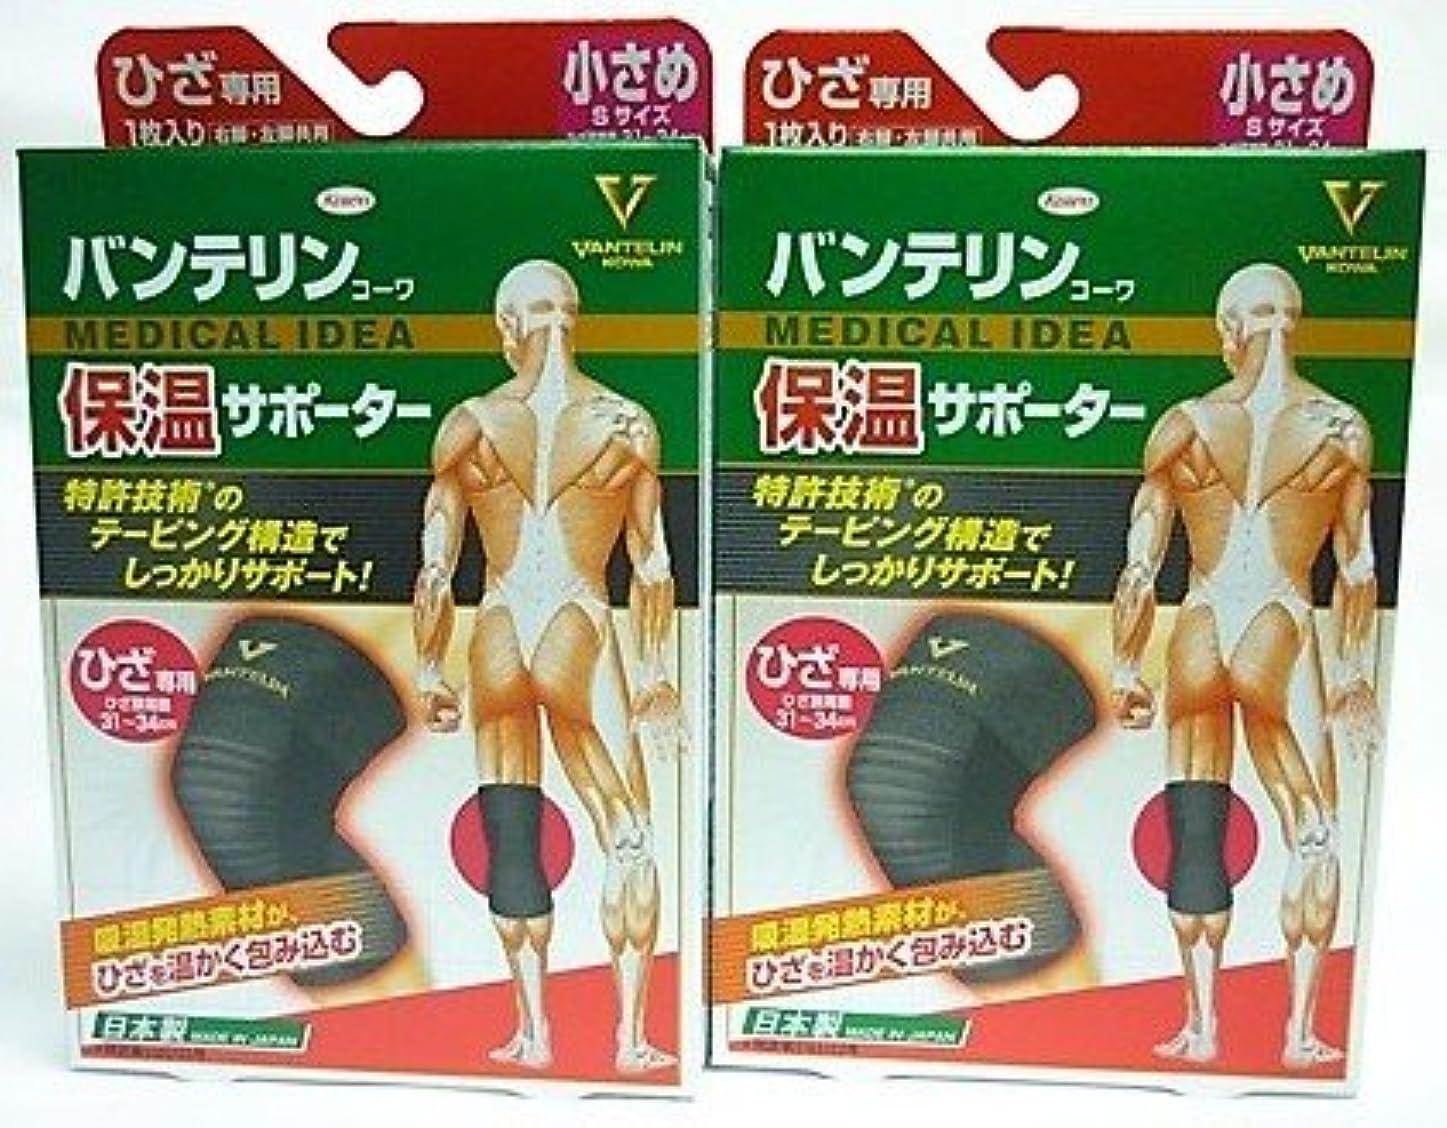 [2個セット]バンテリン 保温サポーター ひざ専用 小さめサイズ 1枚入り×2個